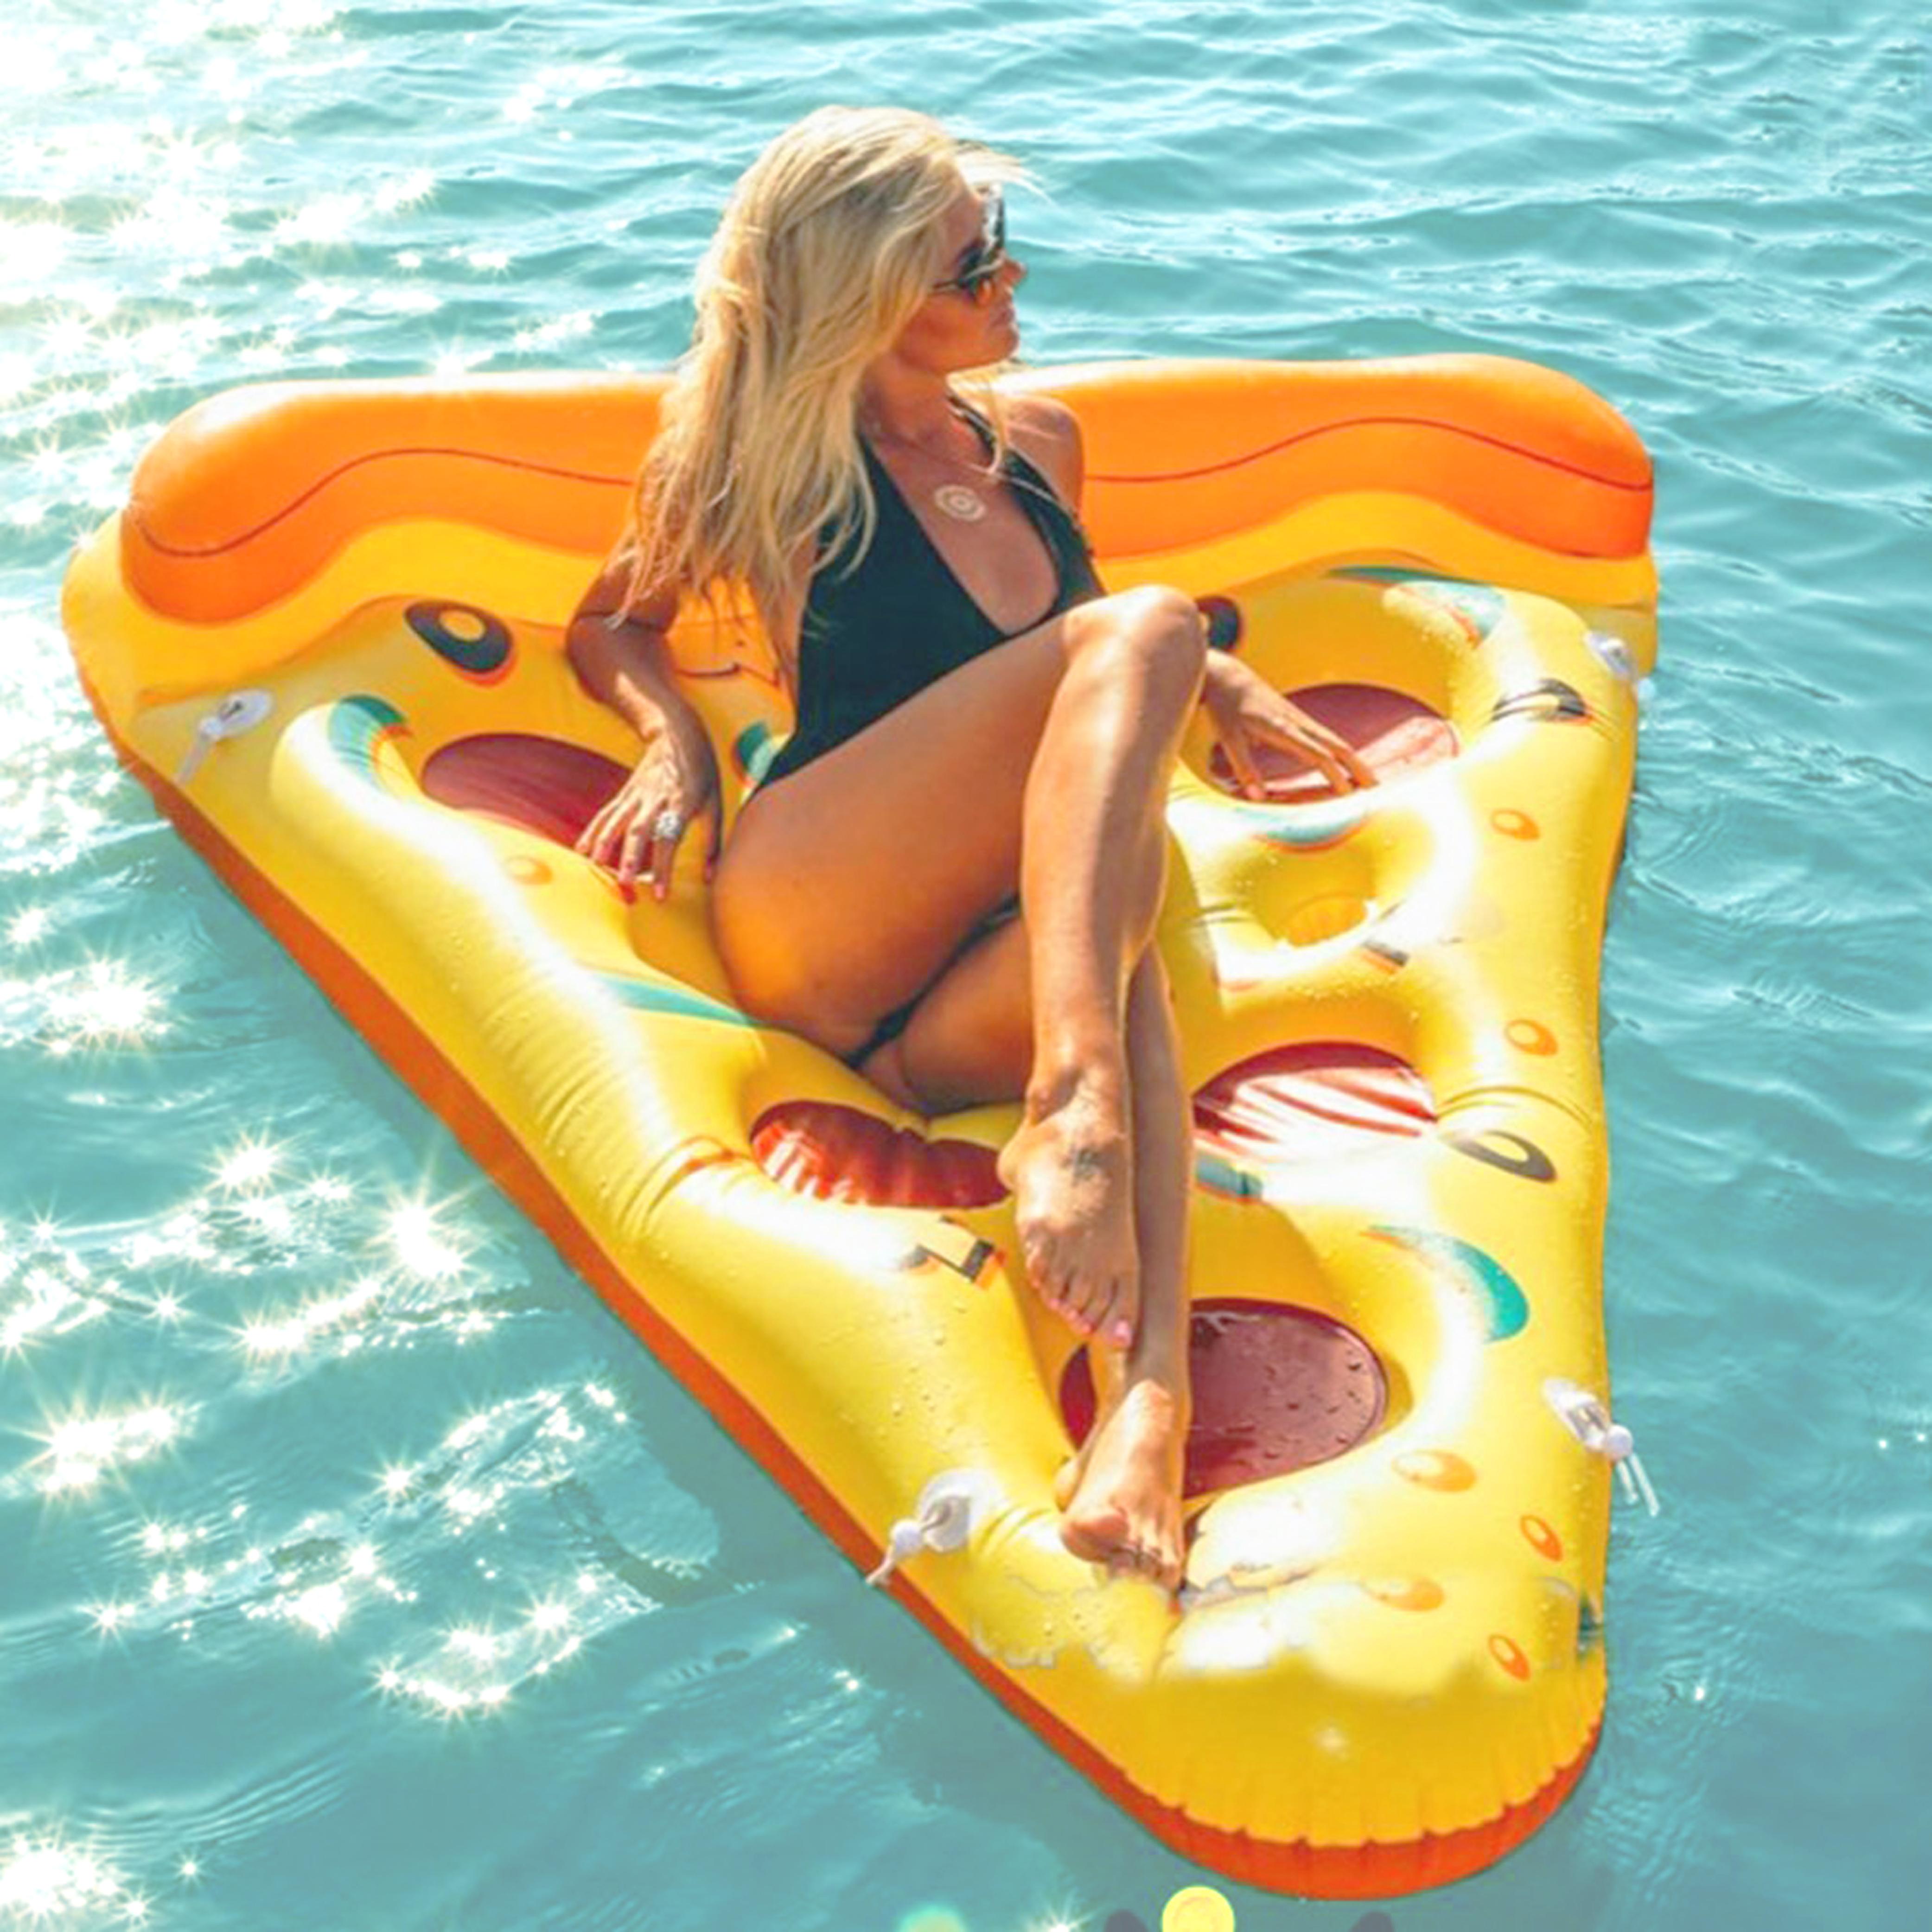 Matelas Bouée gonflable Pzza, fun, trendy, spécial pool party, bouée pour la piscine et la plage, matériel en PVC environnement, pour une personne, couleur Jaune, le meilleur des bouées pour l'été!